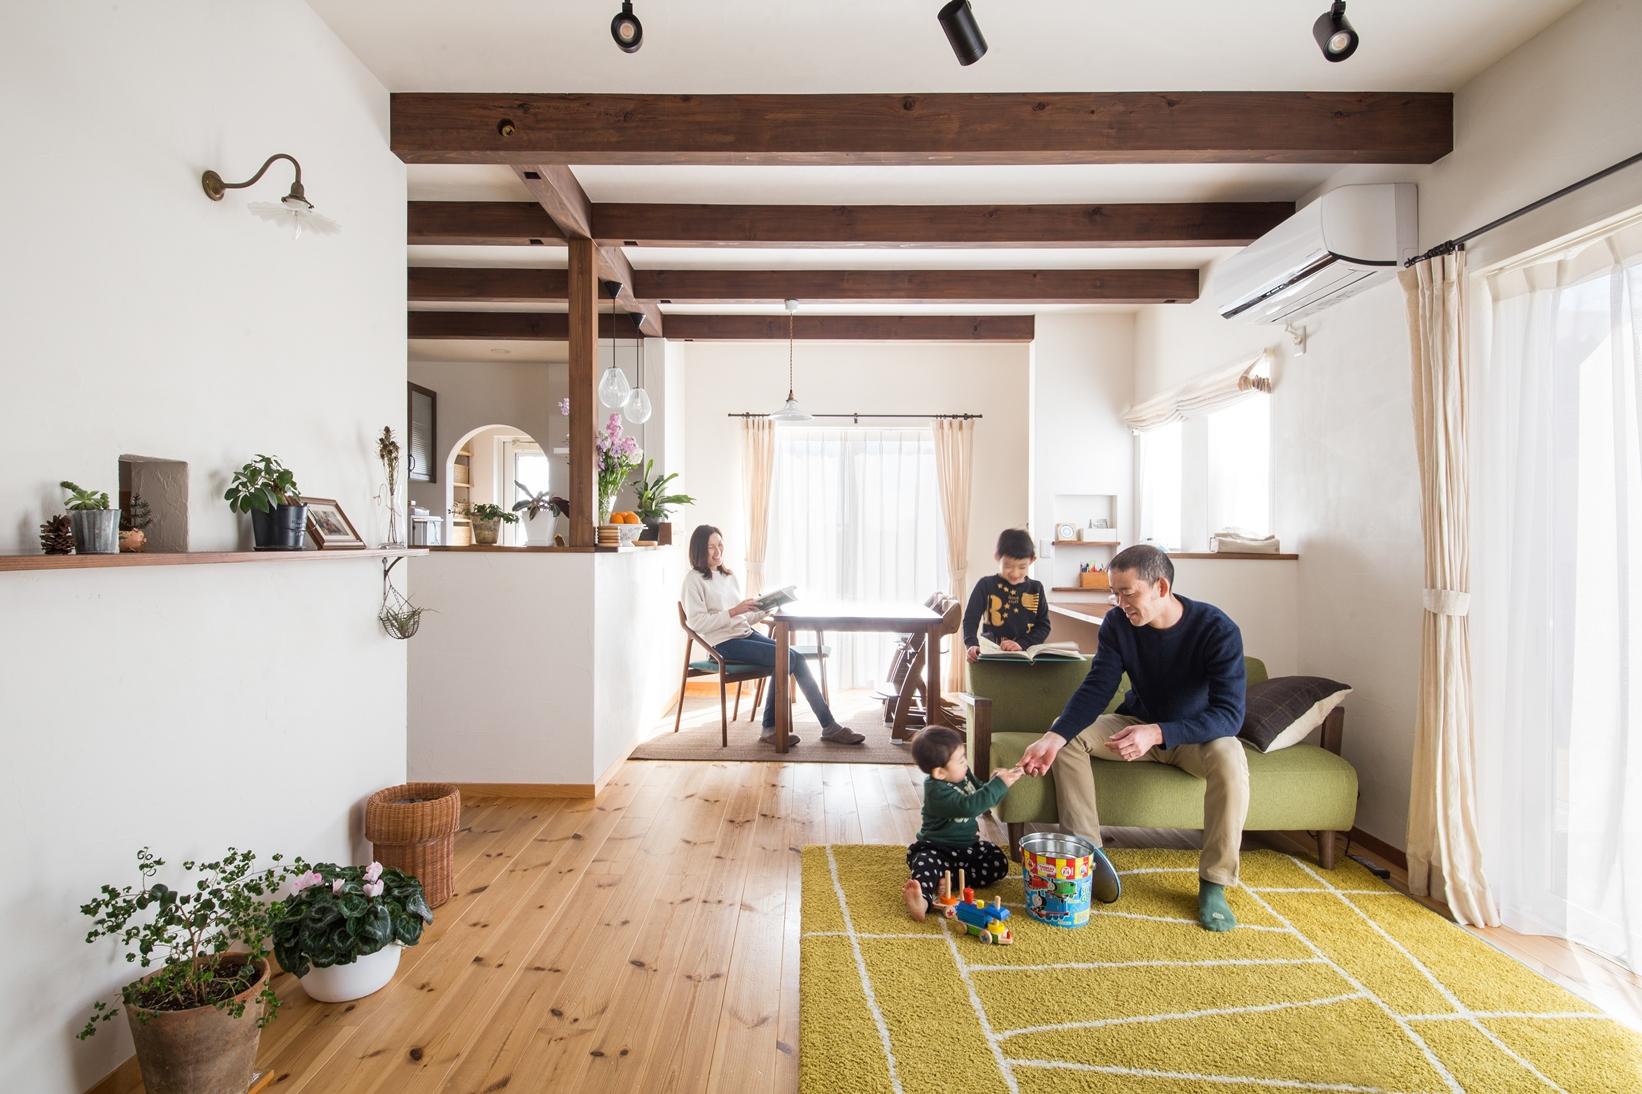 大人プロヴァンスの家で素敵なインテリアとグリーンに囲まれた暮らし